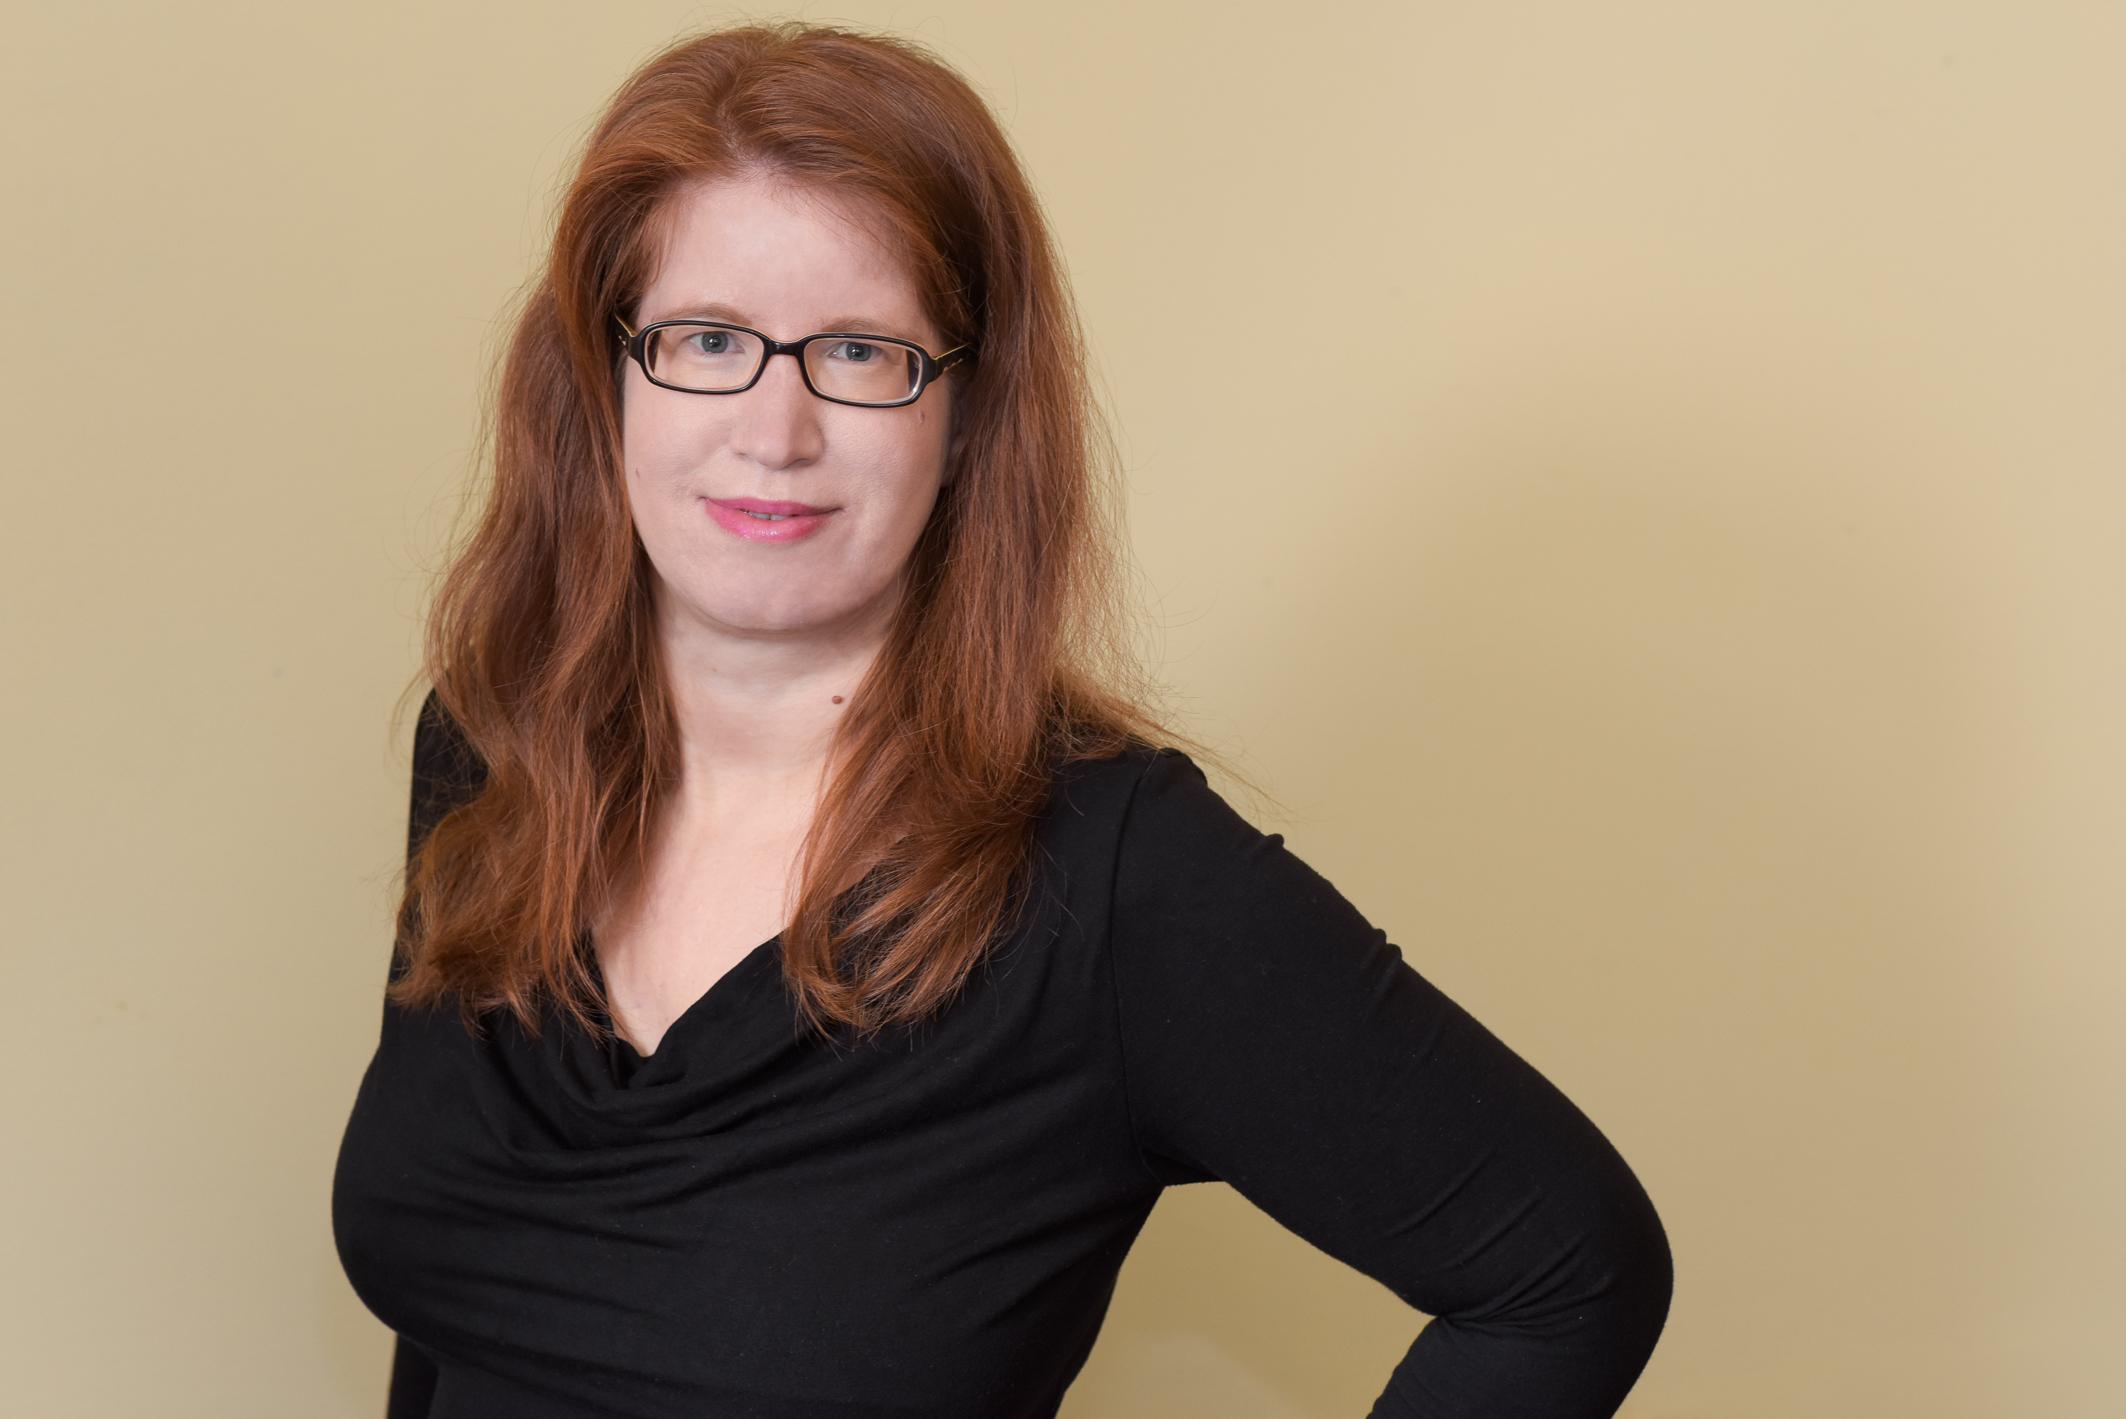 Ein Portraitfoto von Barbara Wimmer